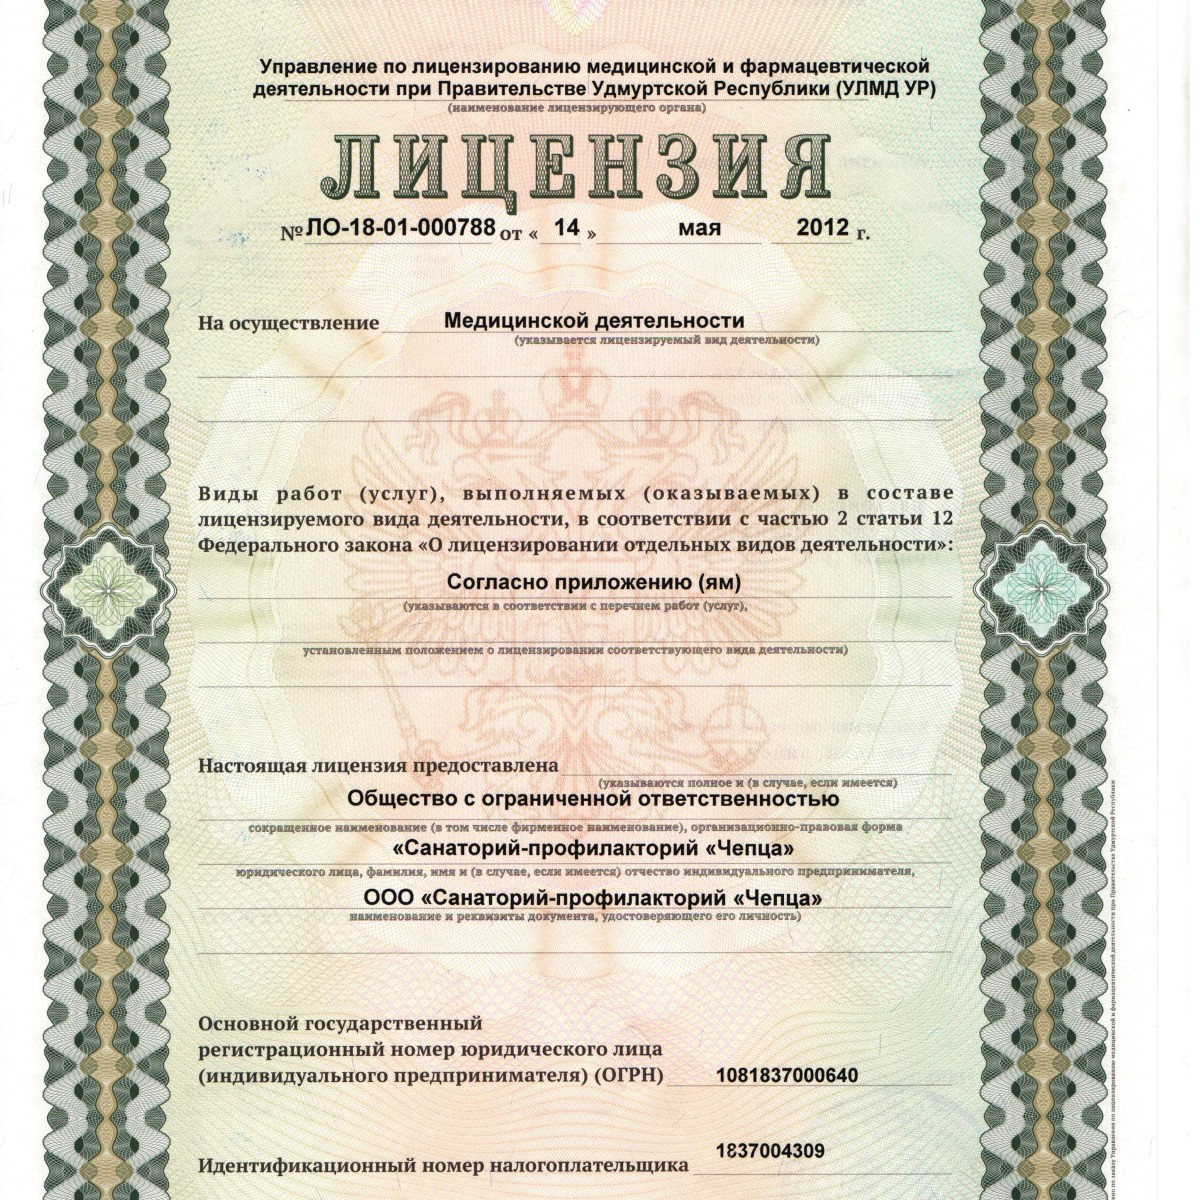 Договор ресурсоснабжения для нежилого помещения СРО г